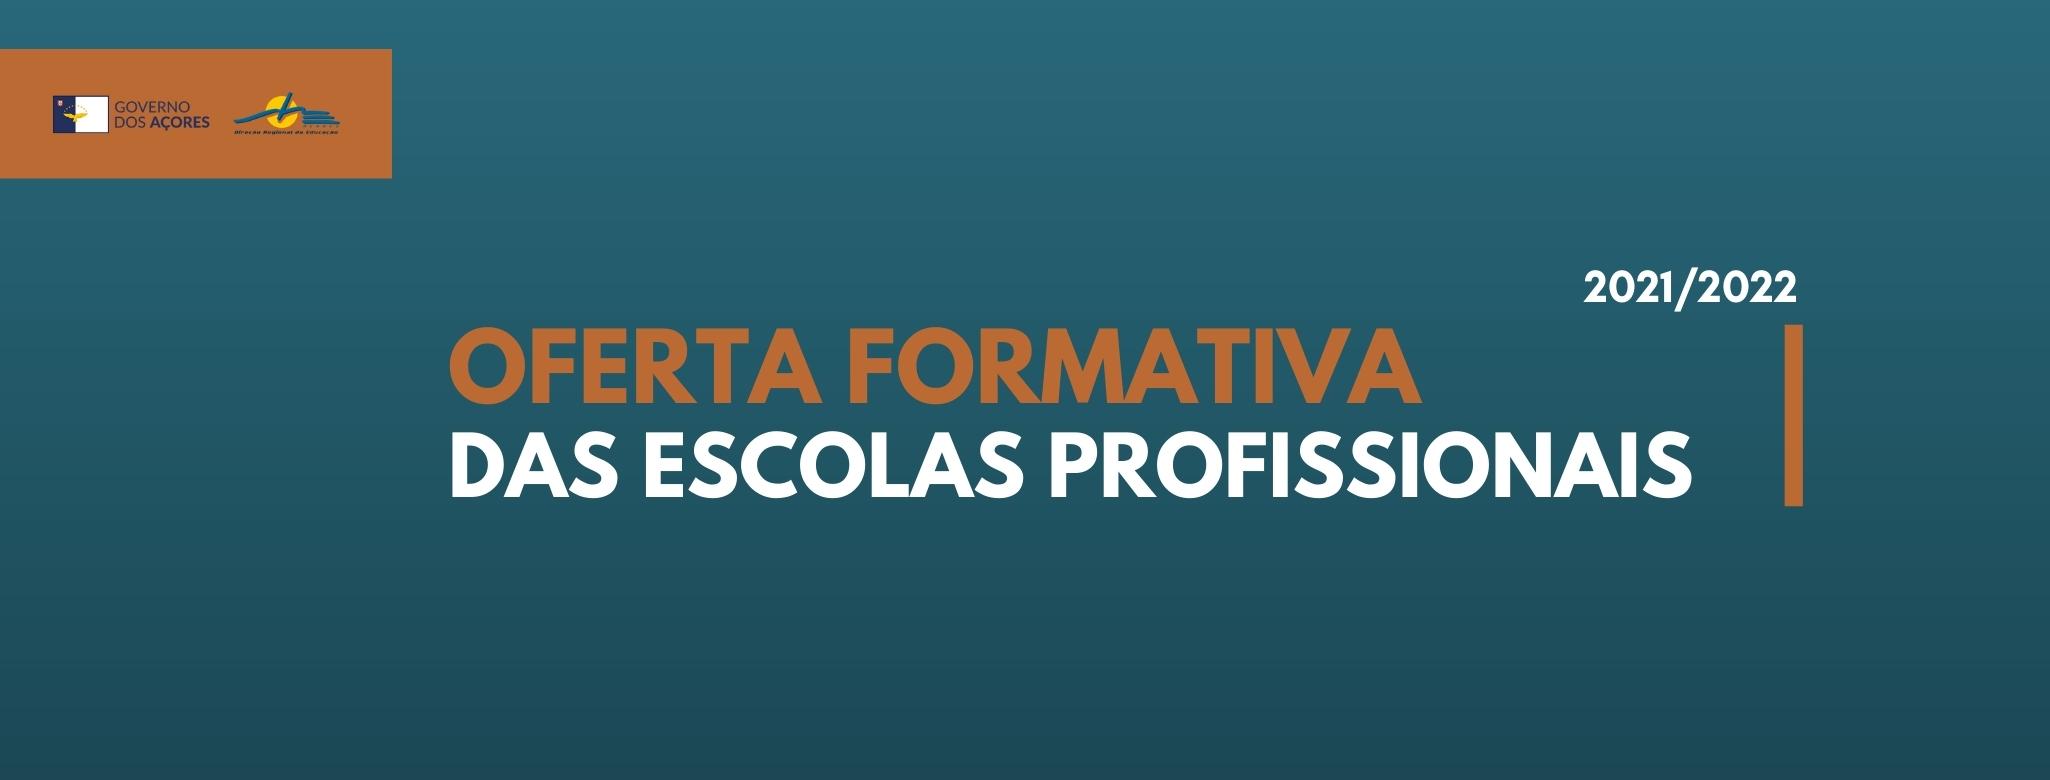 OFERTA FORMATIVA DAS ESCOLAS PROFISSIONAIS (1)